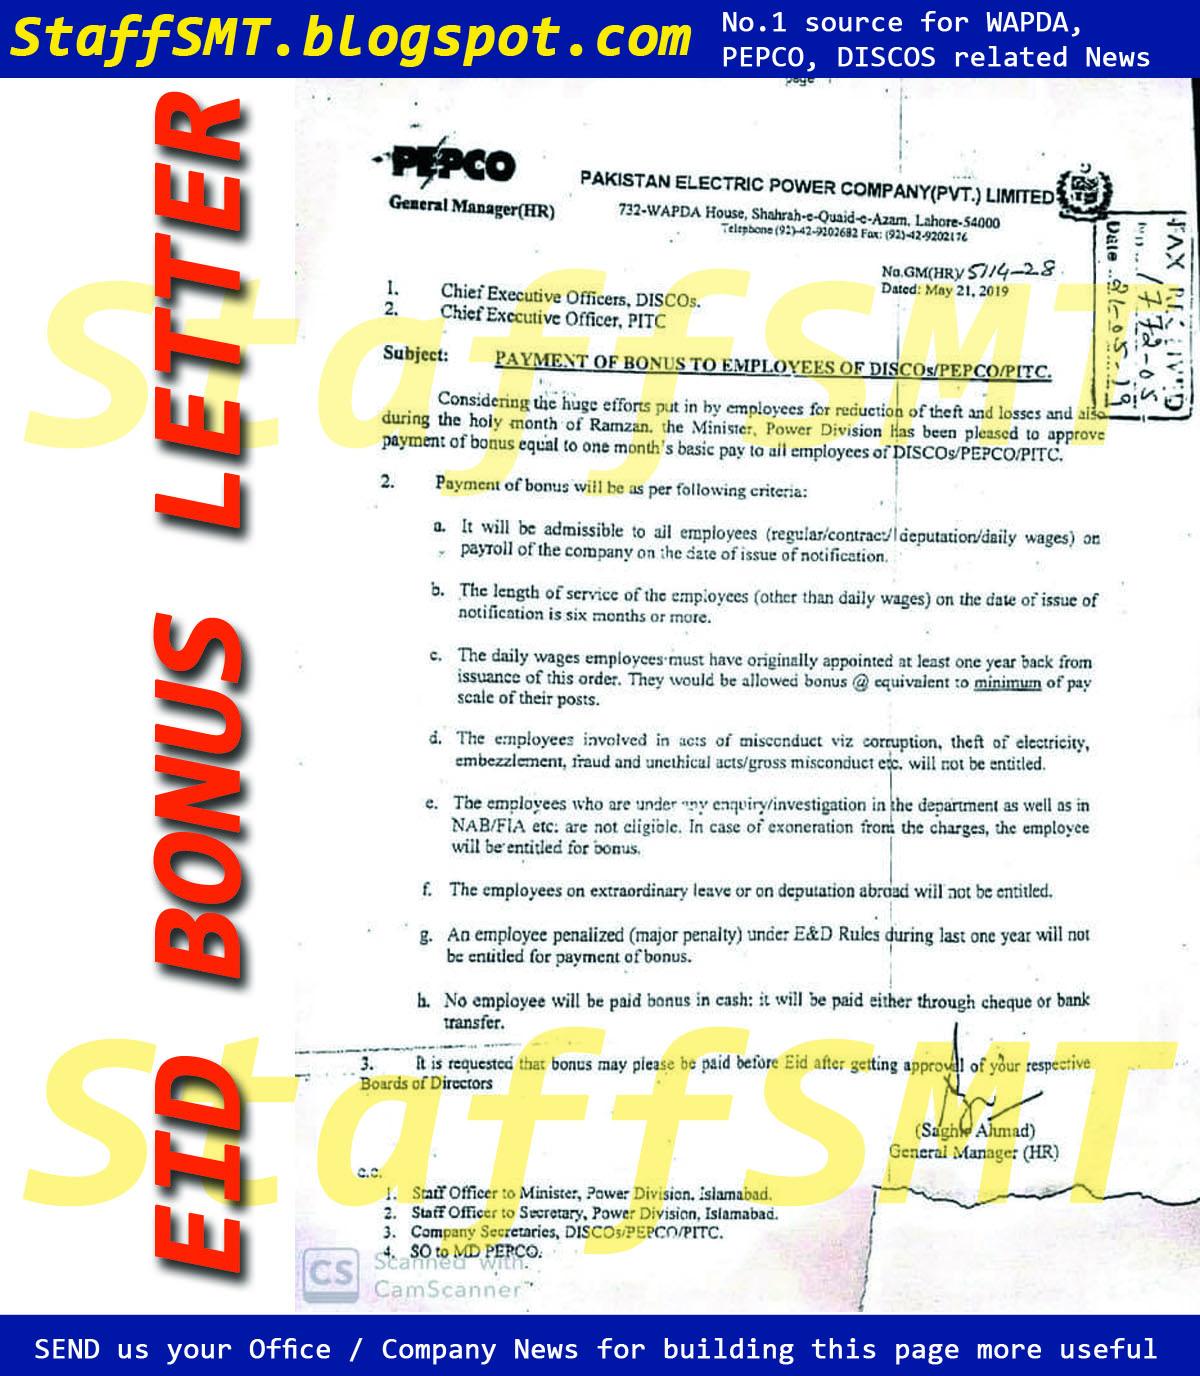 Eid Bonus 2019, WAPDA, DISCOS, LESCO, IESCO Notification Letter